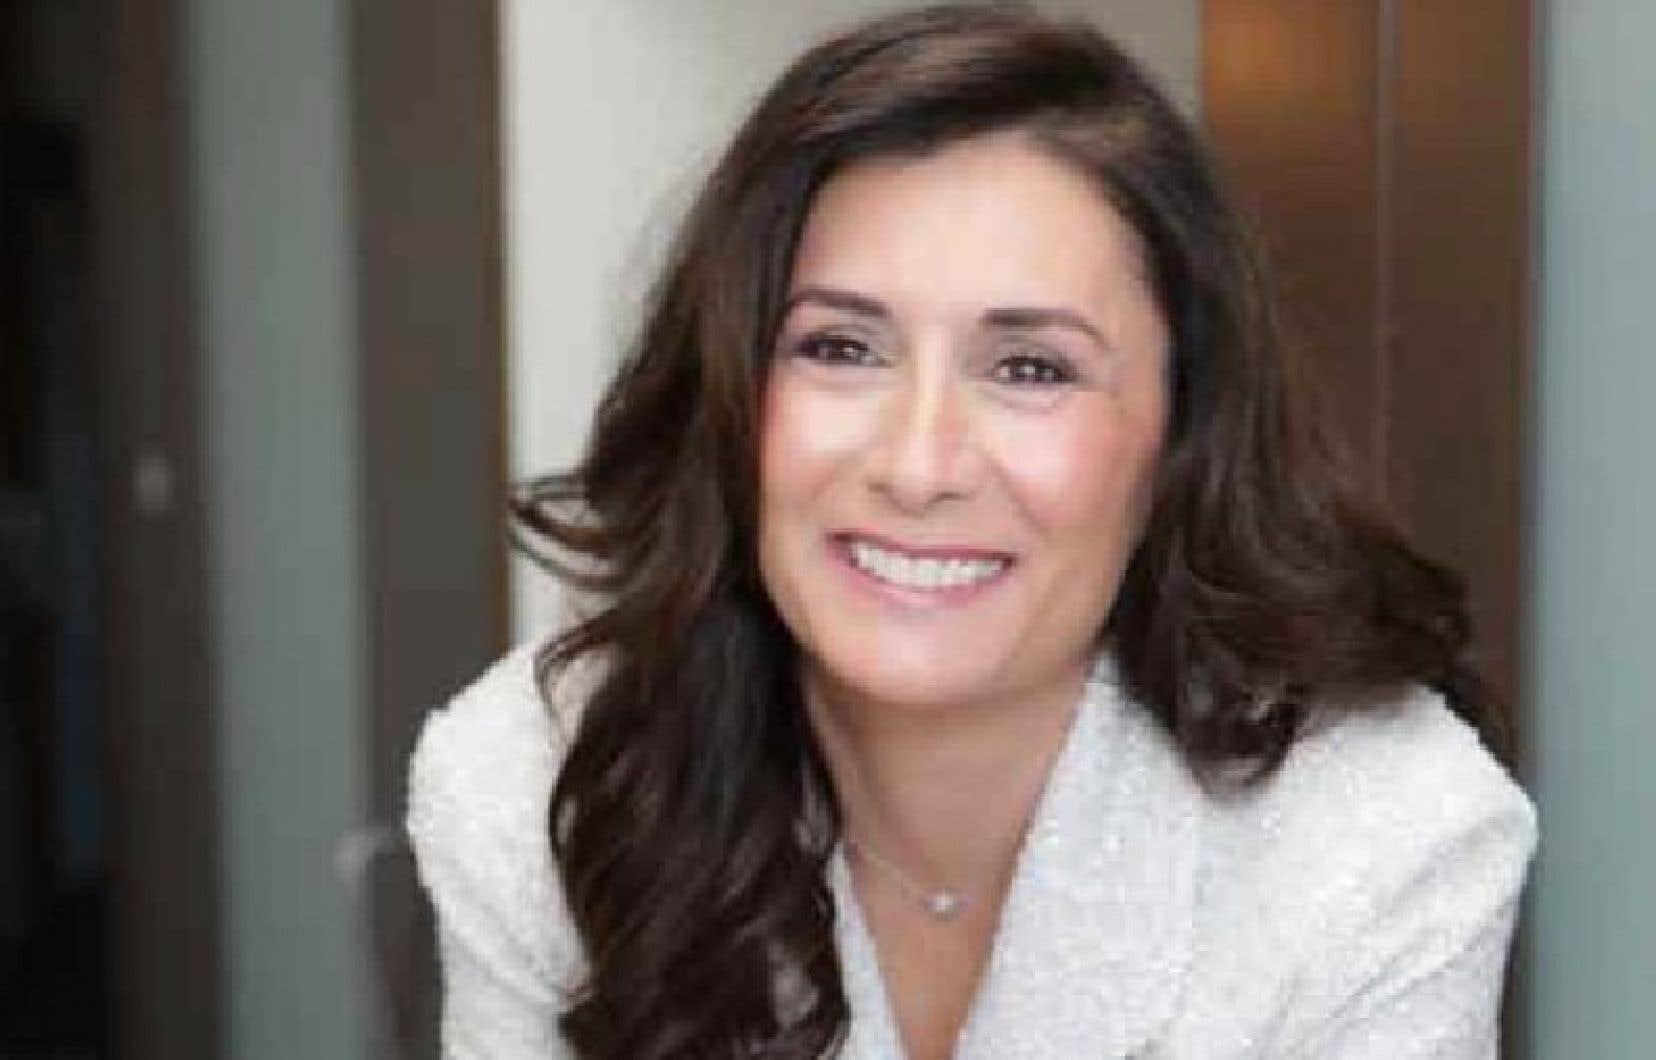 Danielle Beaulieu est propriétaire de l'hôtel Mortagne, qui compte 190 chambres, un restaurant, un centre des congrès et 20 salles de réunion.